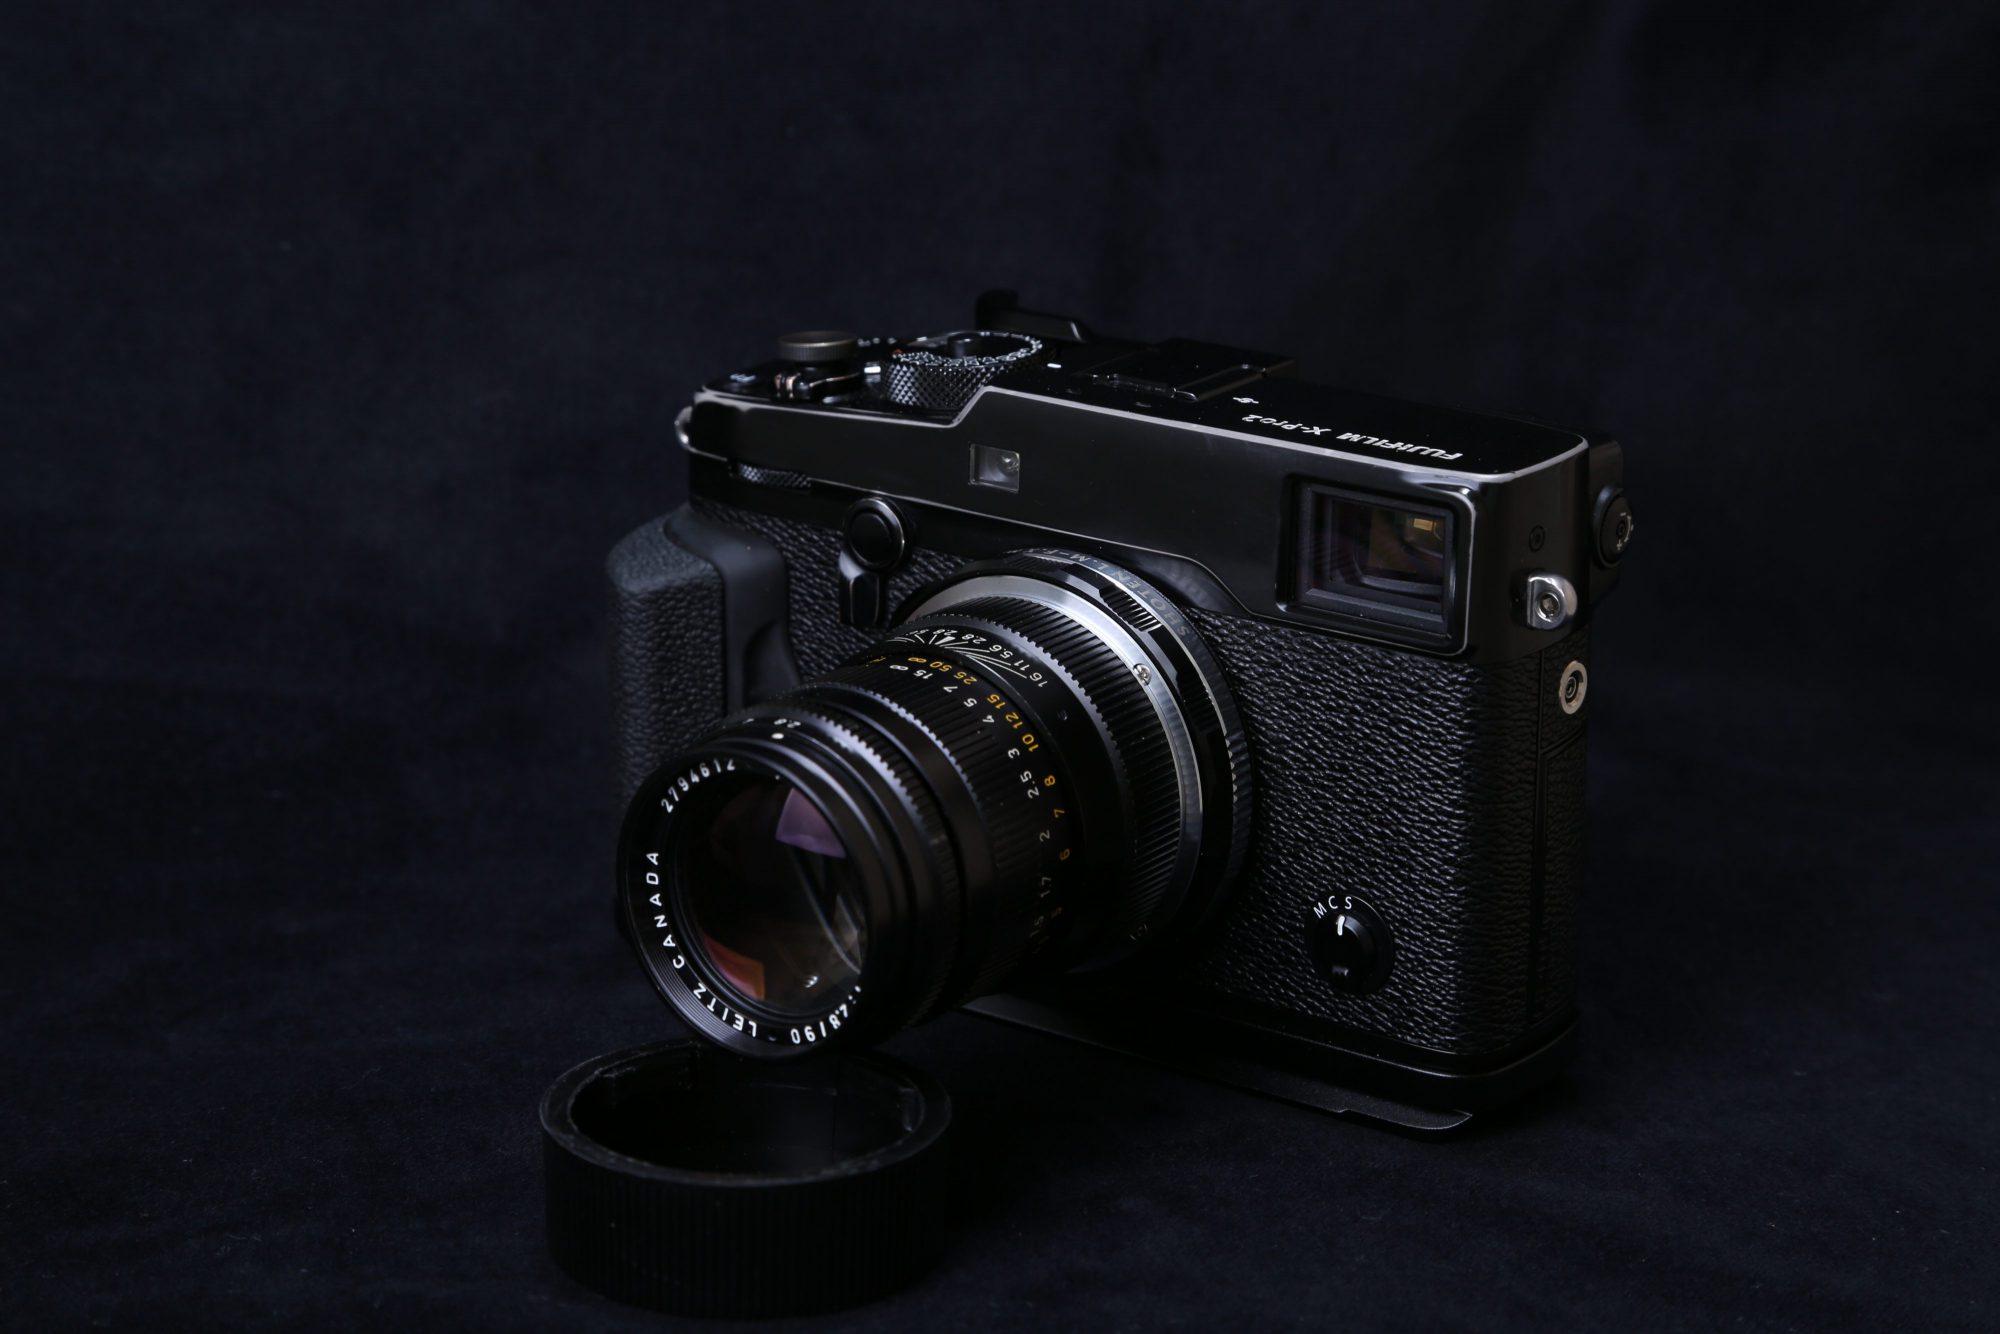 X-Pro2 TELE ELMARIT 90mm F2.8